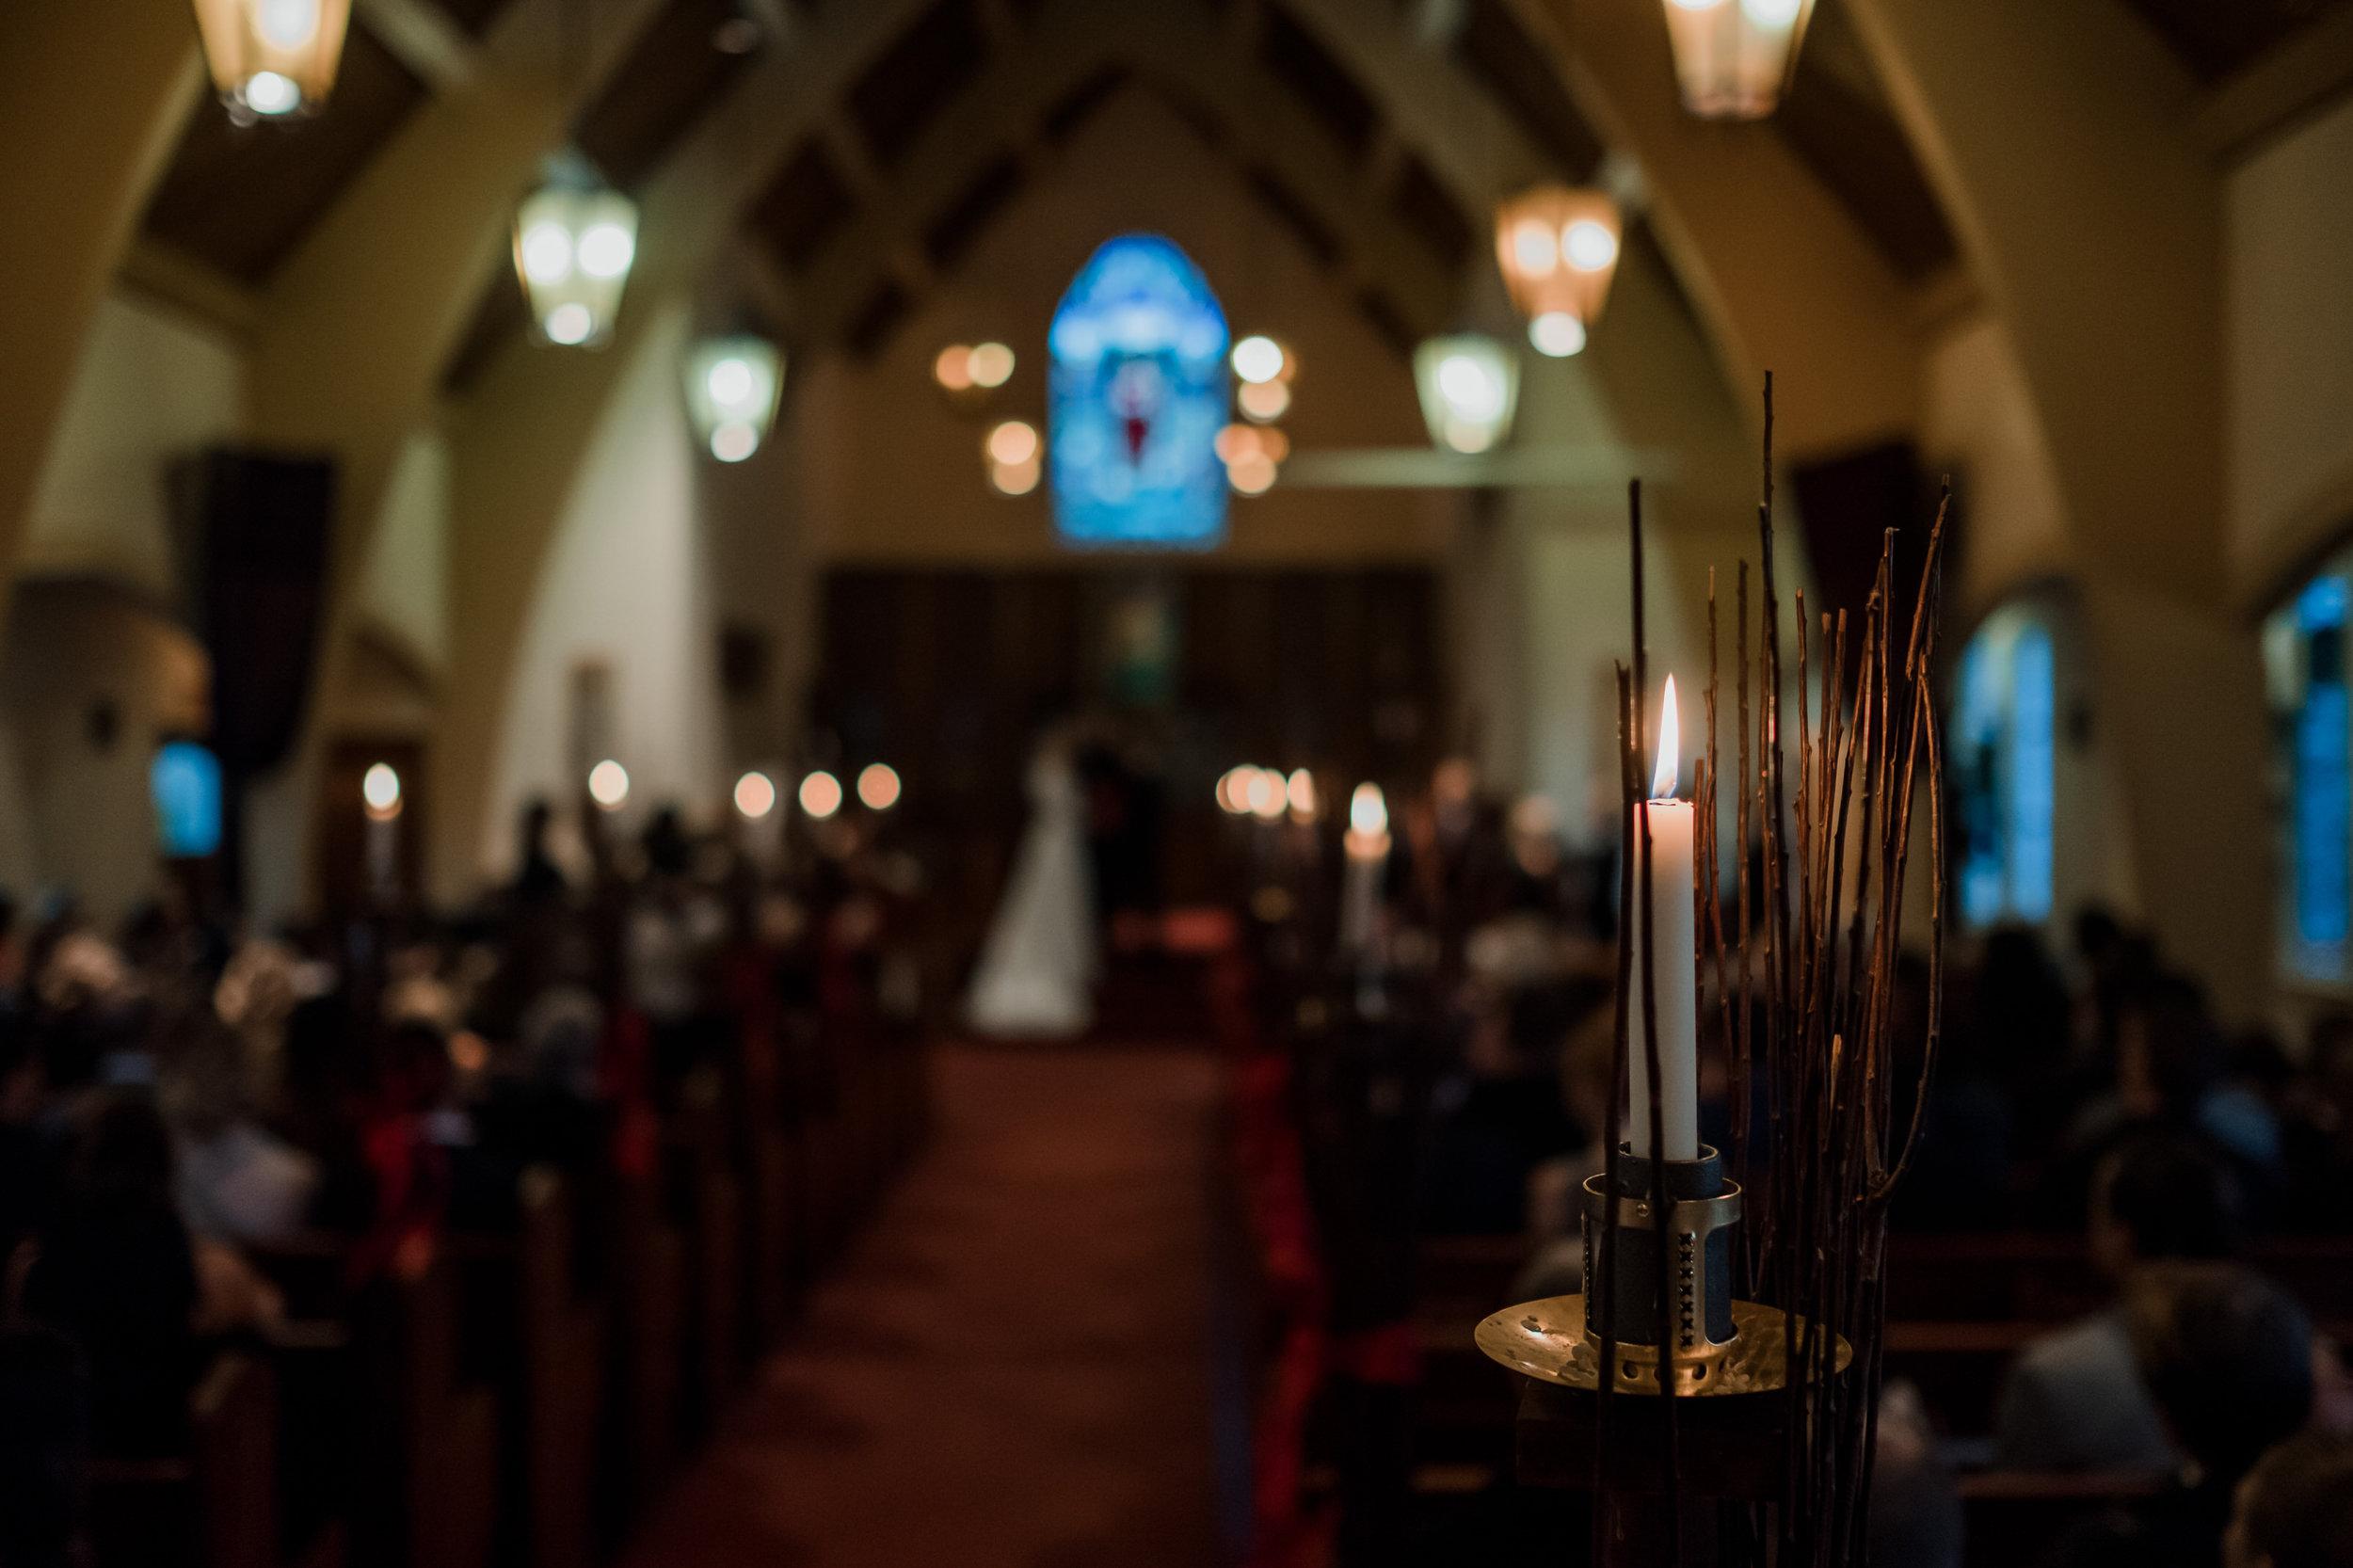 Vancouver New Years Eve Wedding - UBC Boathouse Wedding - Kitsilano Wedding Photos - Vancouver Wedding Photographer - Vancouver Wedding Videographer - 908.JPG